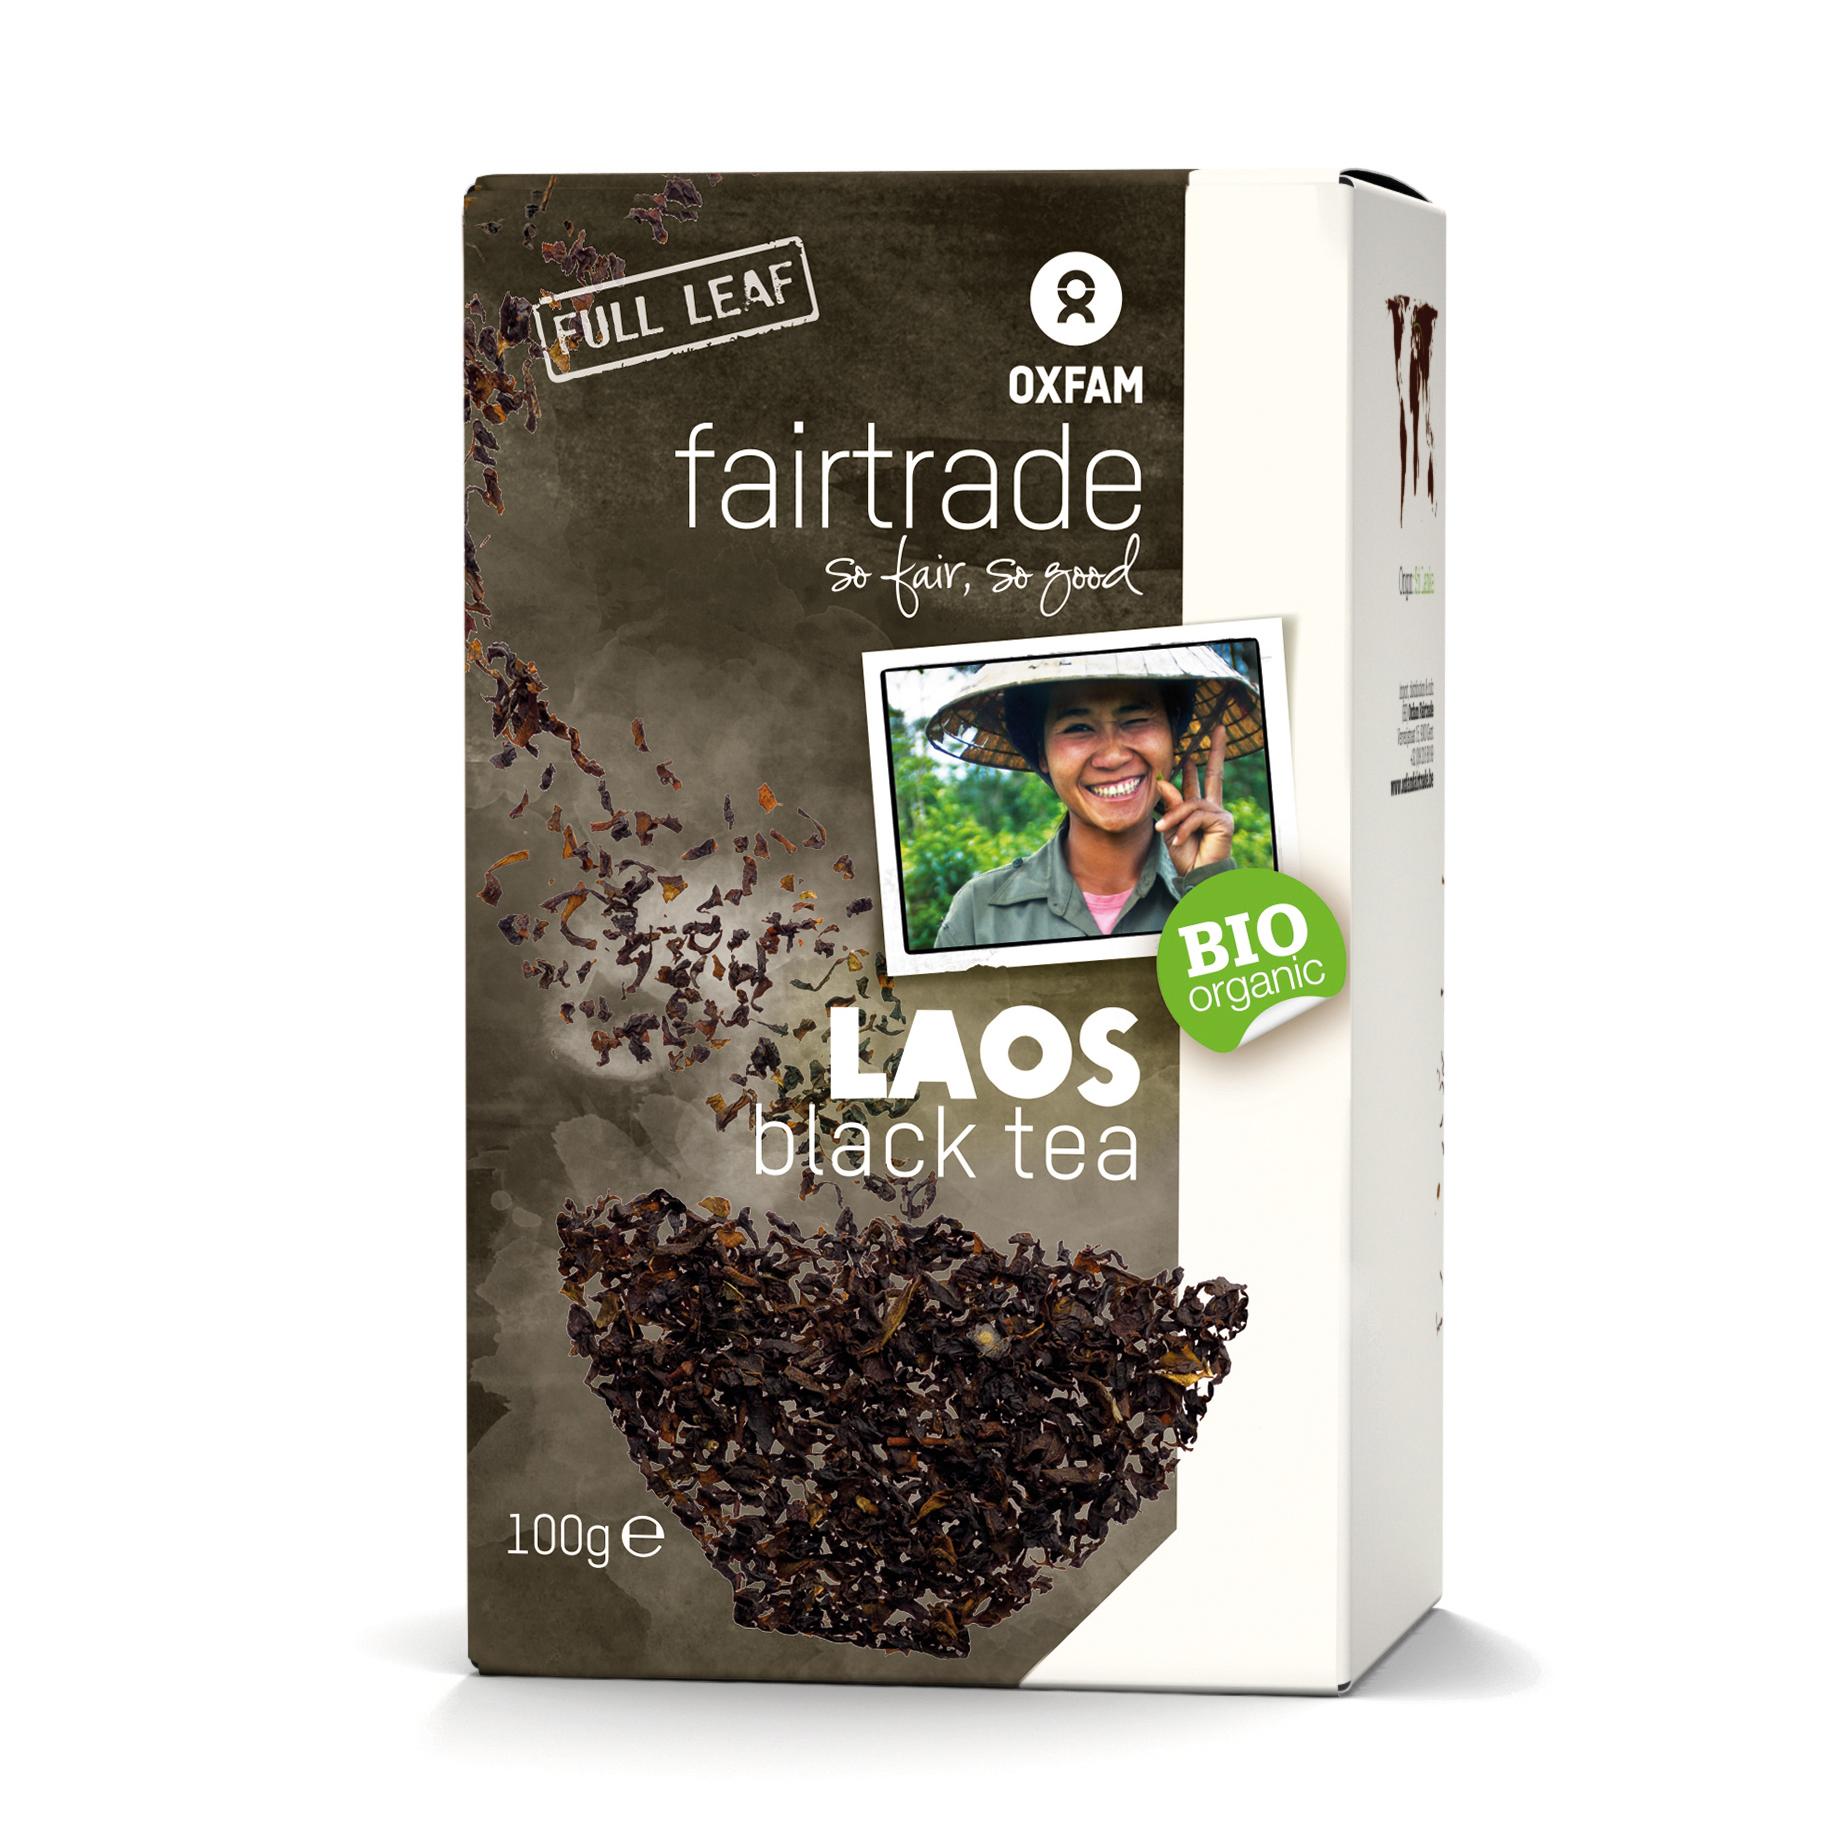 Oxfam Fair Trade 23201